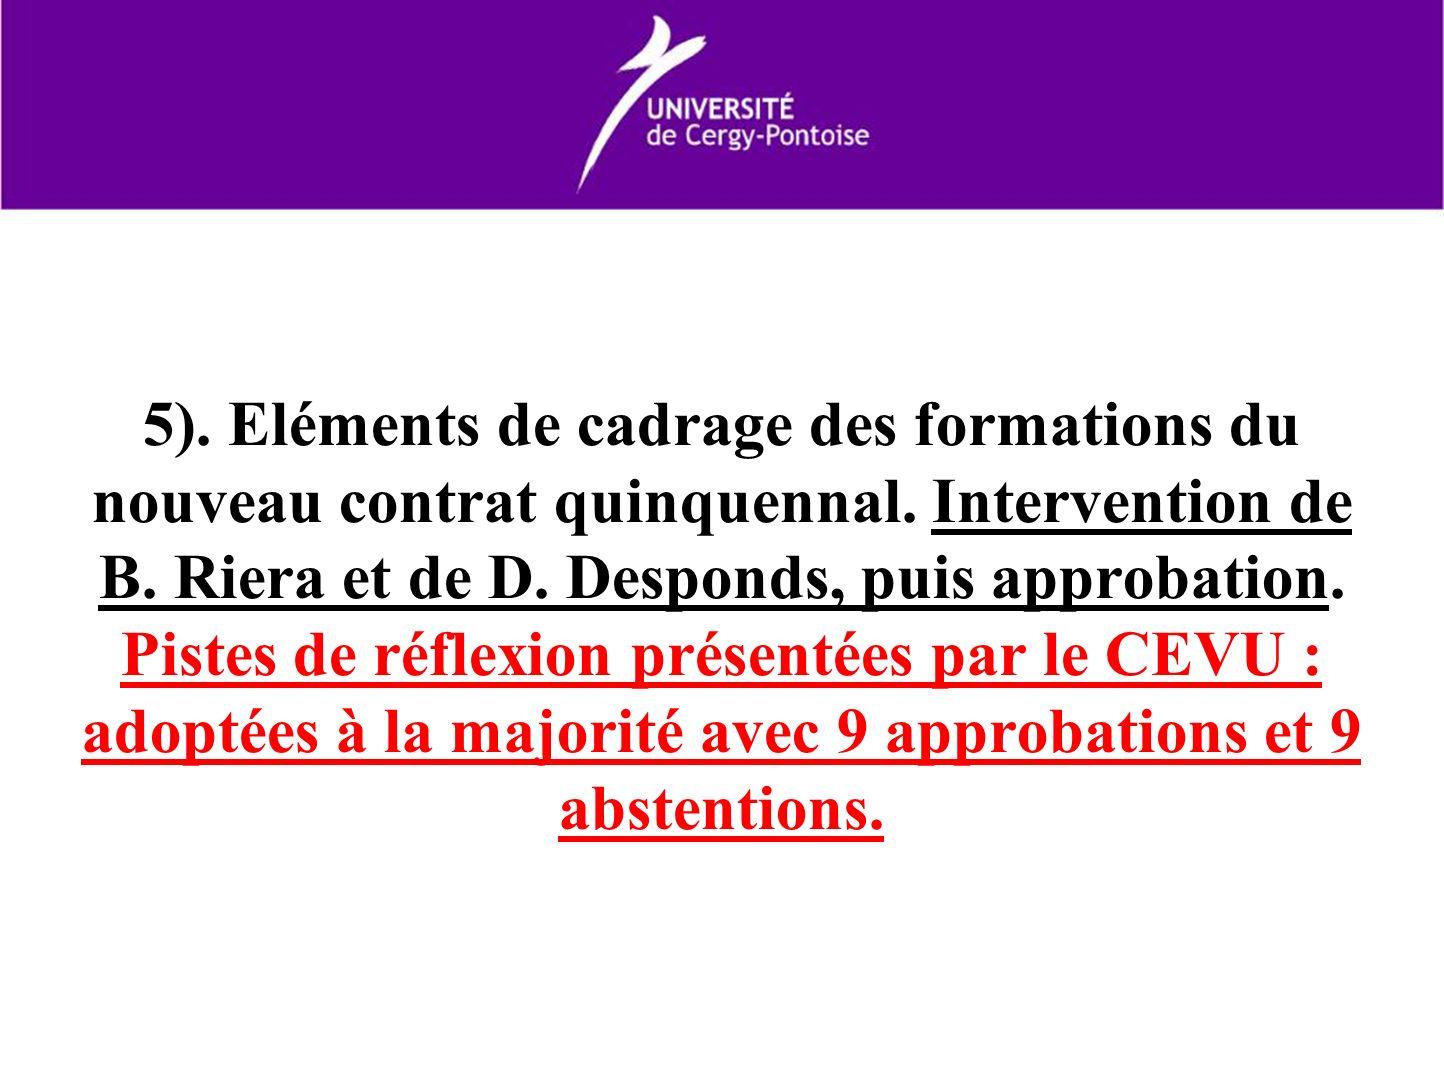 5). Eléments de cadrage des formations du nouveau contrat quinquennal. Intervention de B. Riera et de D. Desponds, puis approbation. Pistes de réflexi